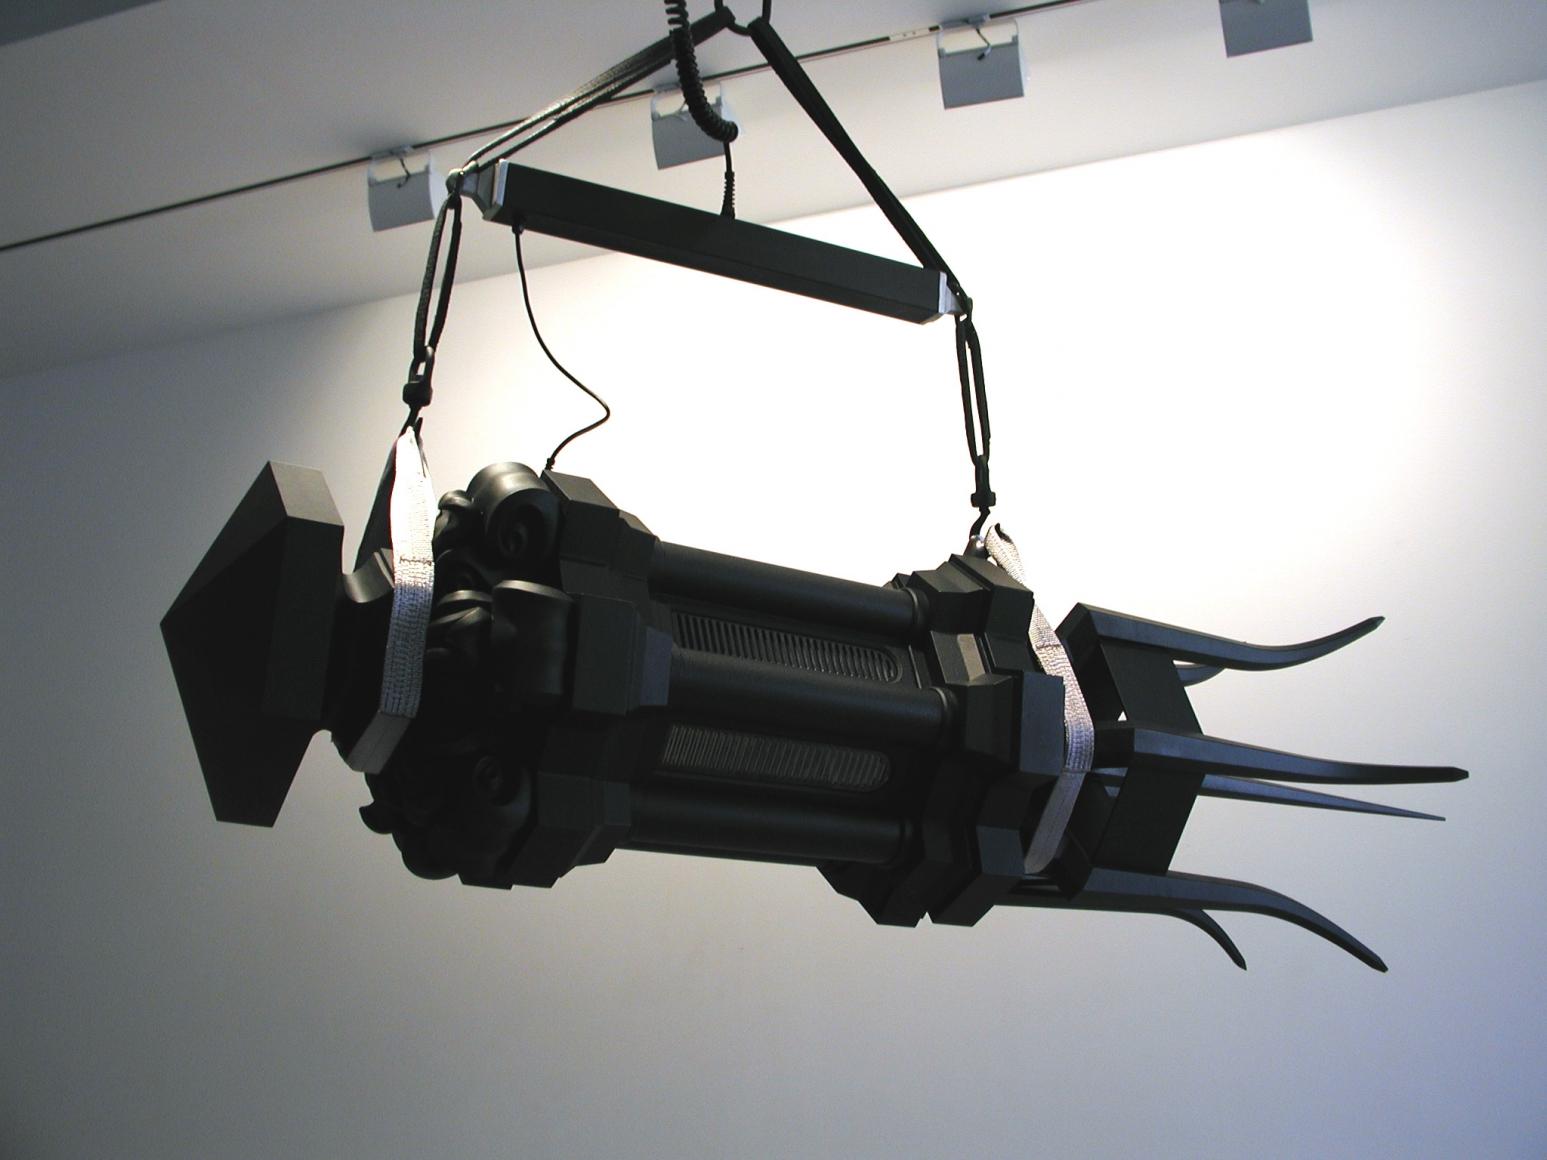 JULIAN LAVERDIERE, Lantern Shuttlecock (Black Mihrab), 2003